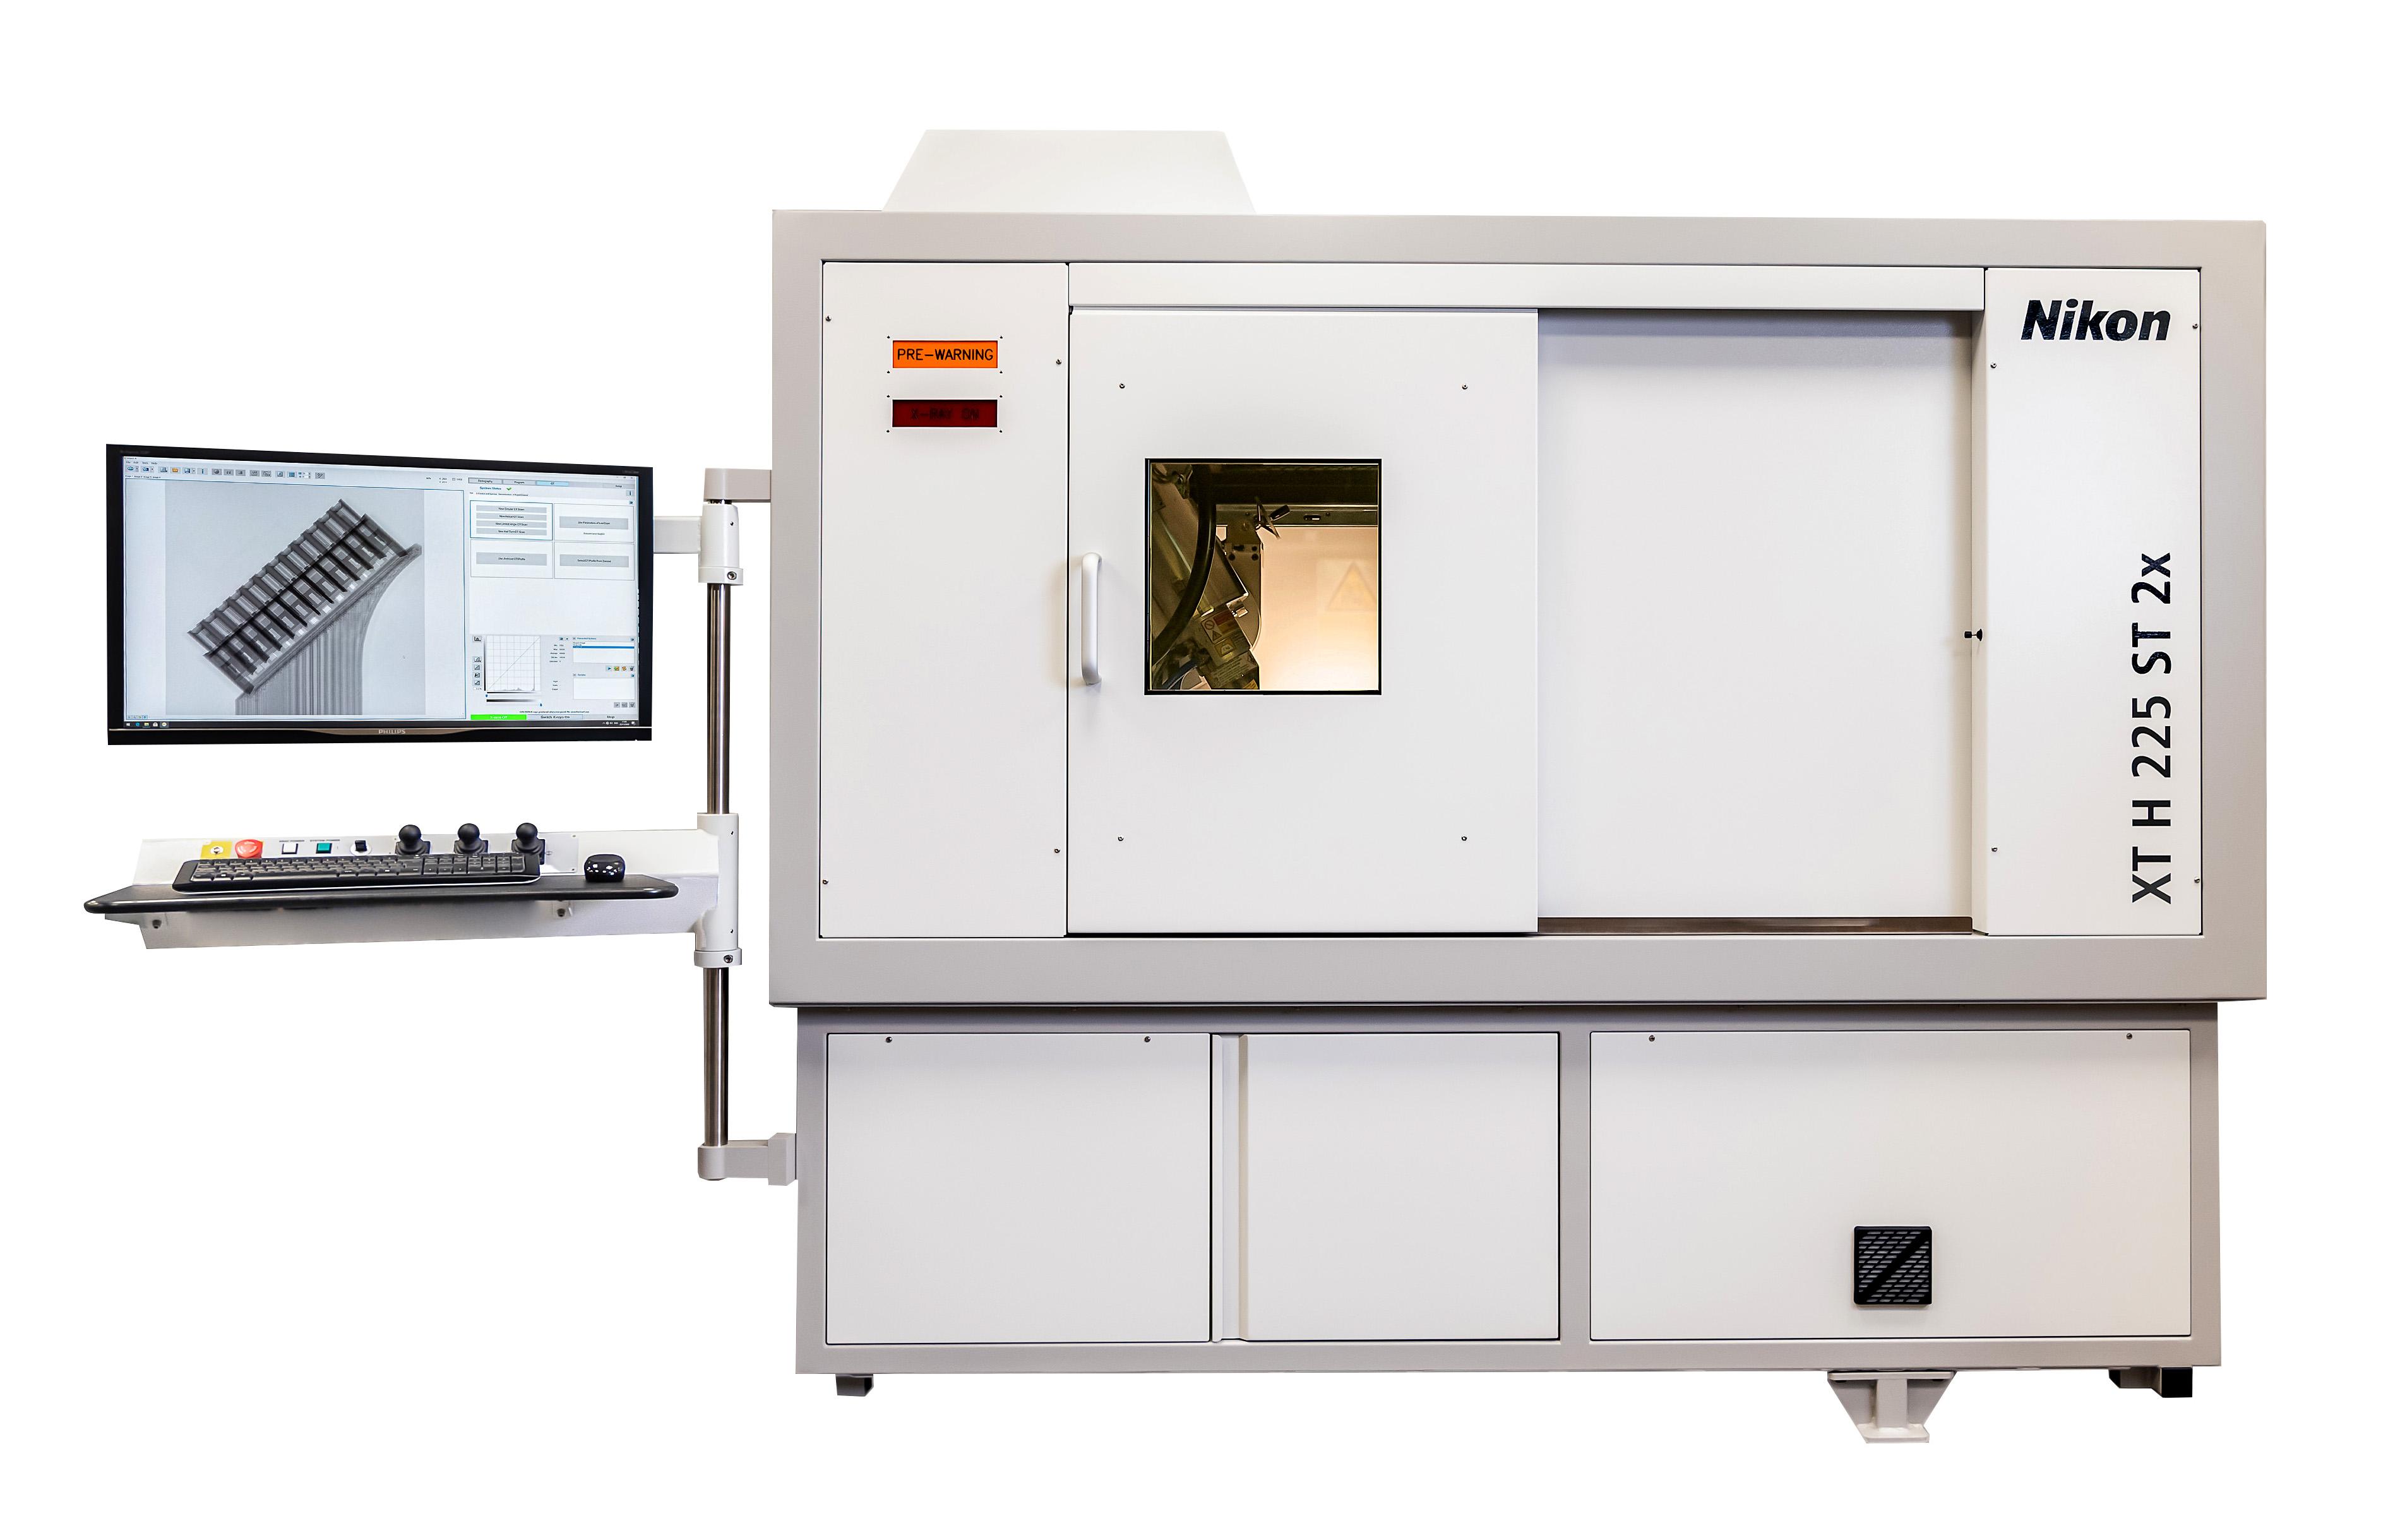 Système de tomographie numérique par rayons X